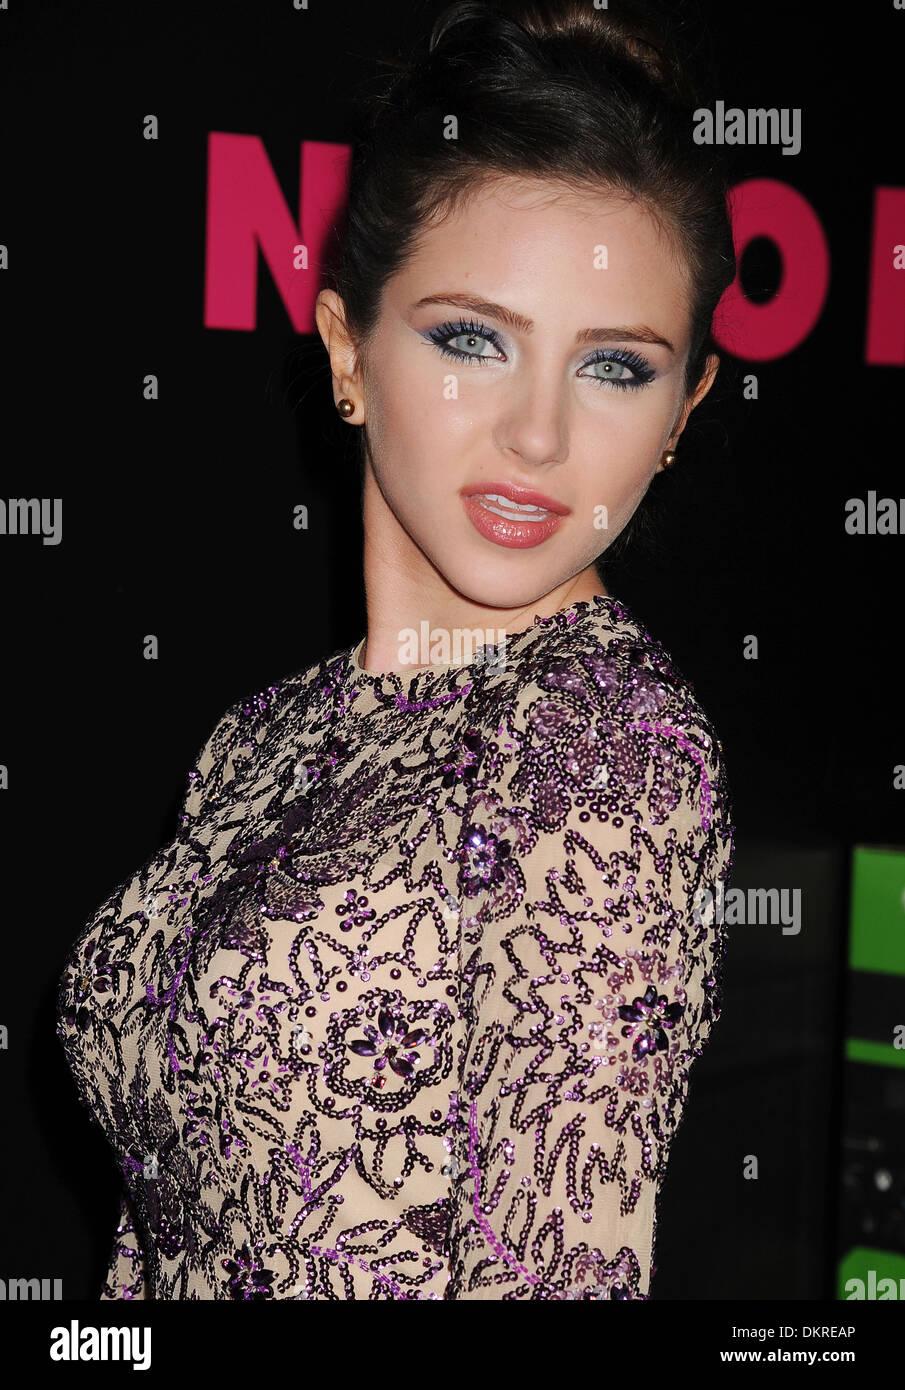 ryan newman actress 2013